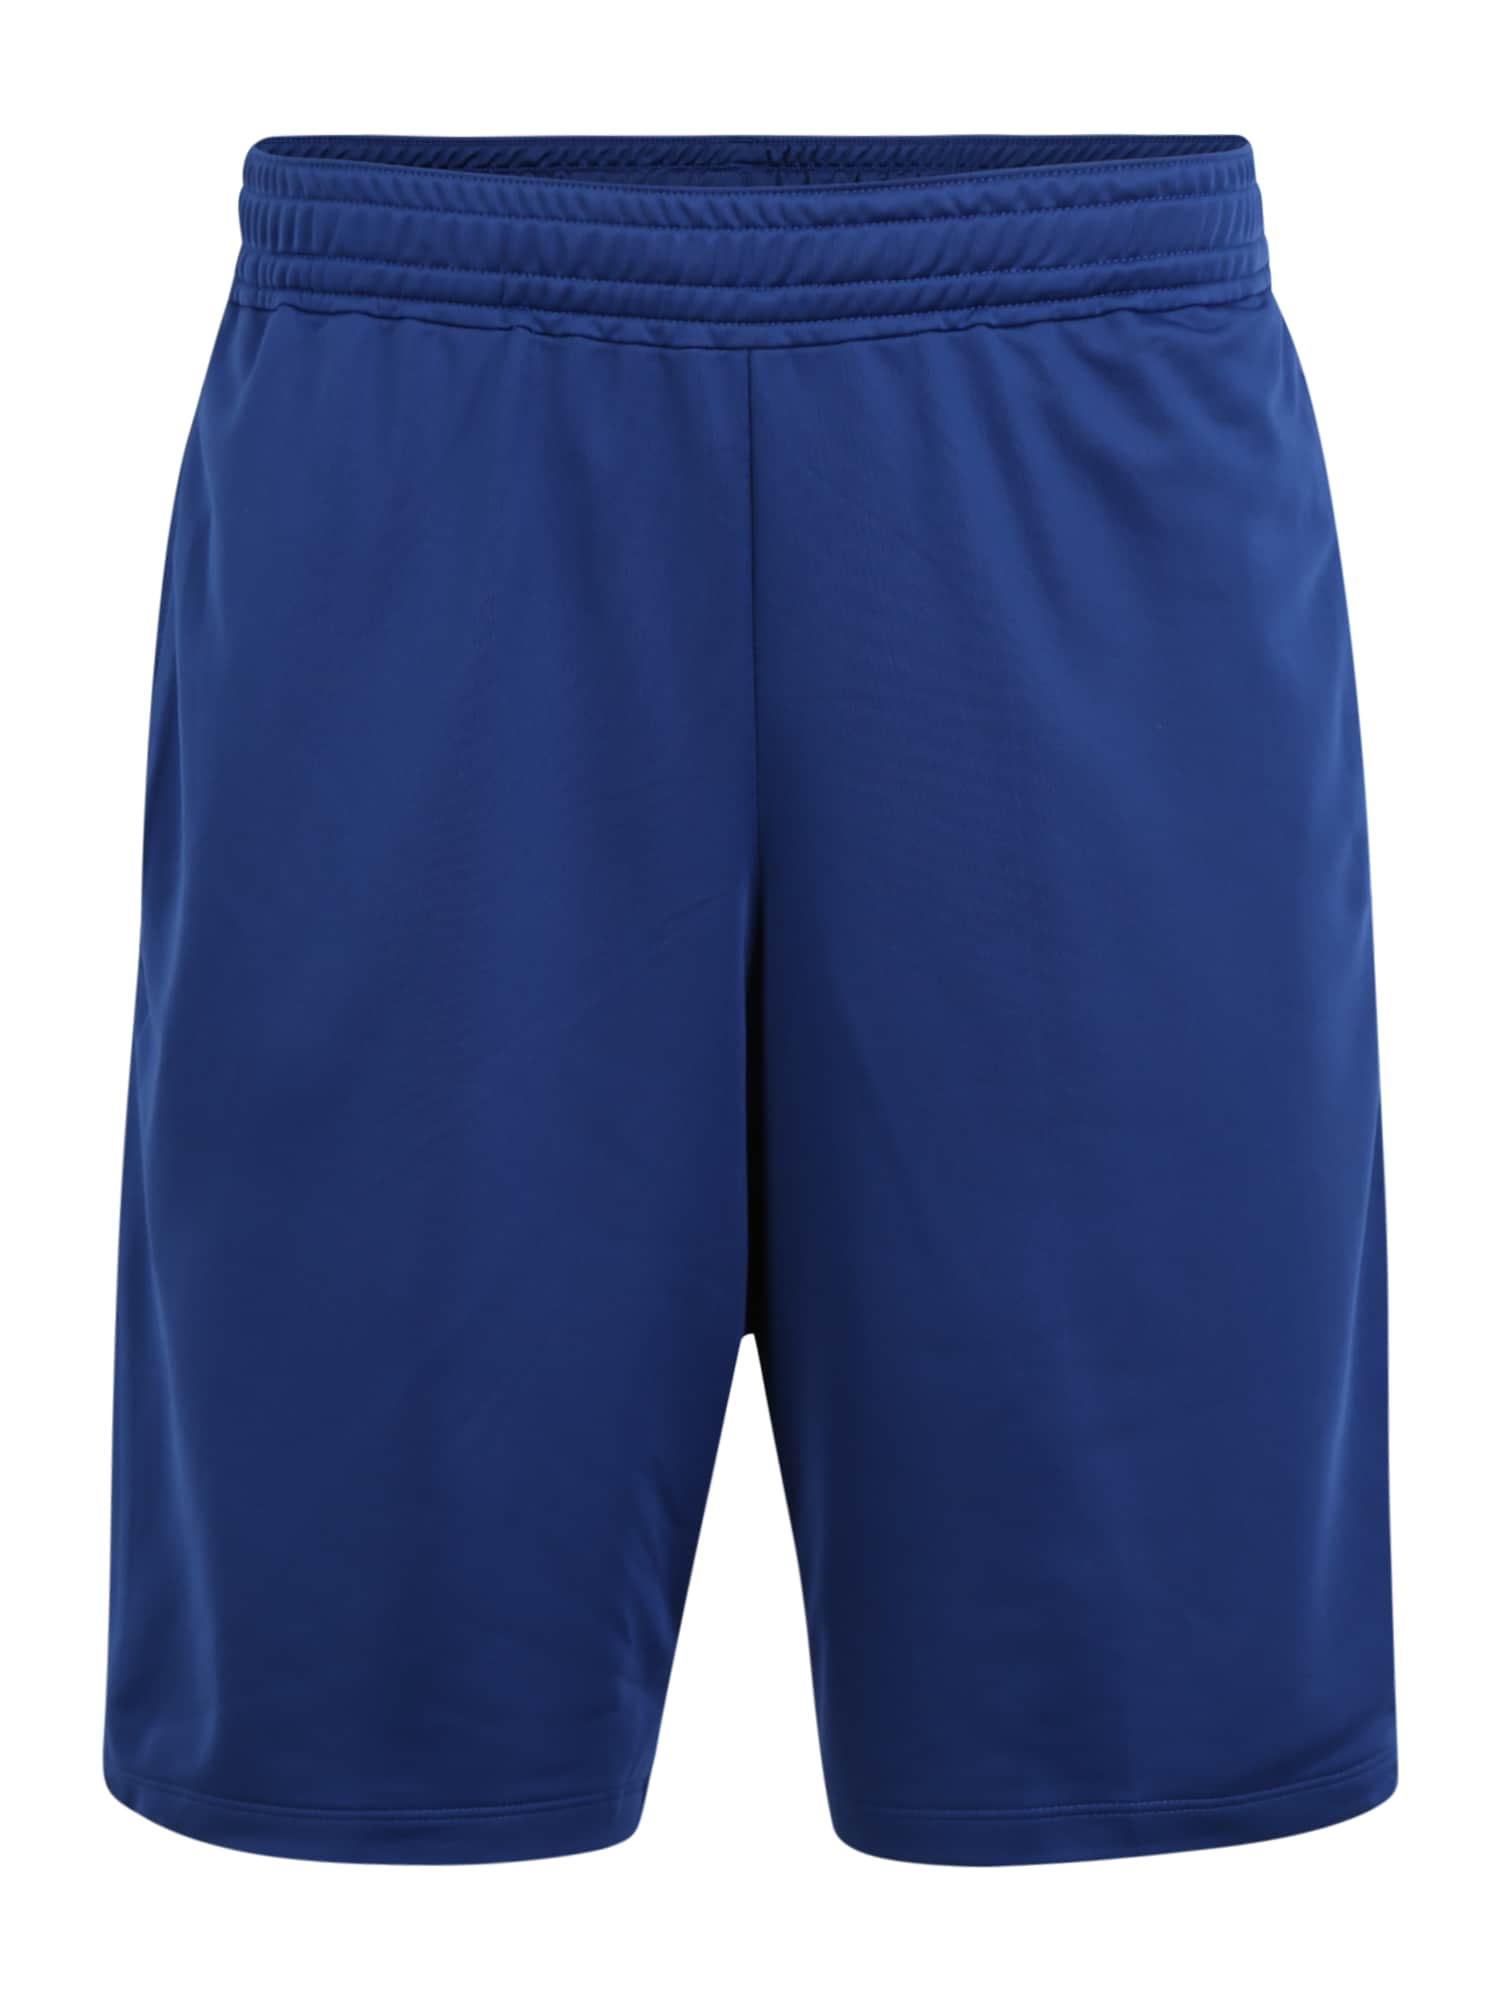 UNDER ARMOUR Sportinės kelnės 'MK1 Graphic' juoda / mėlyna